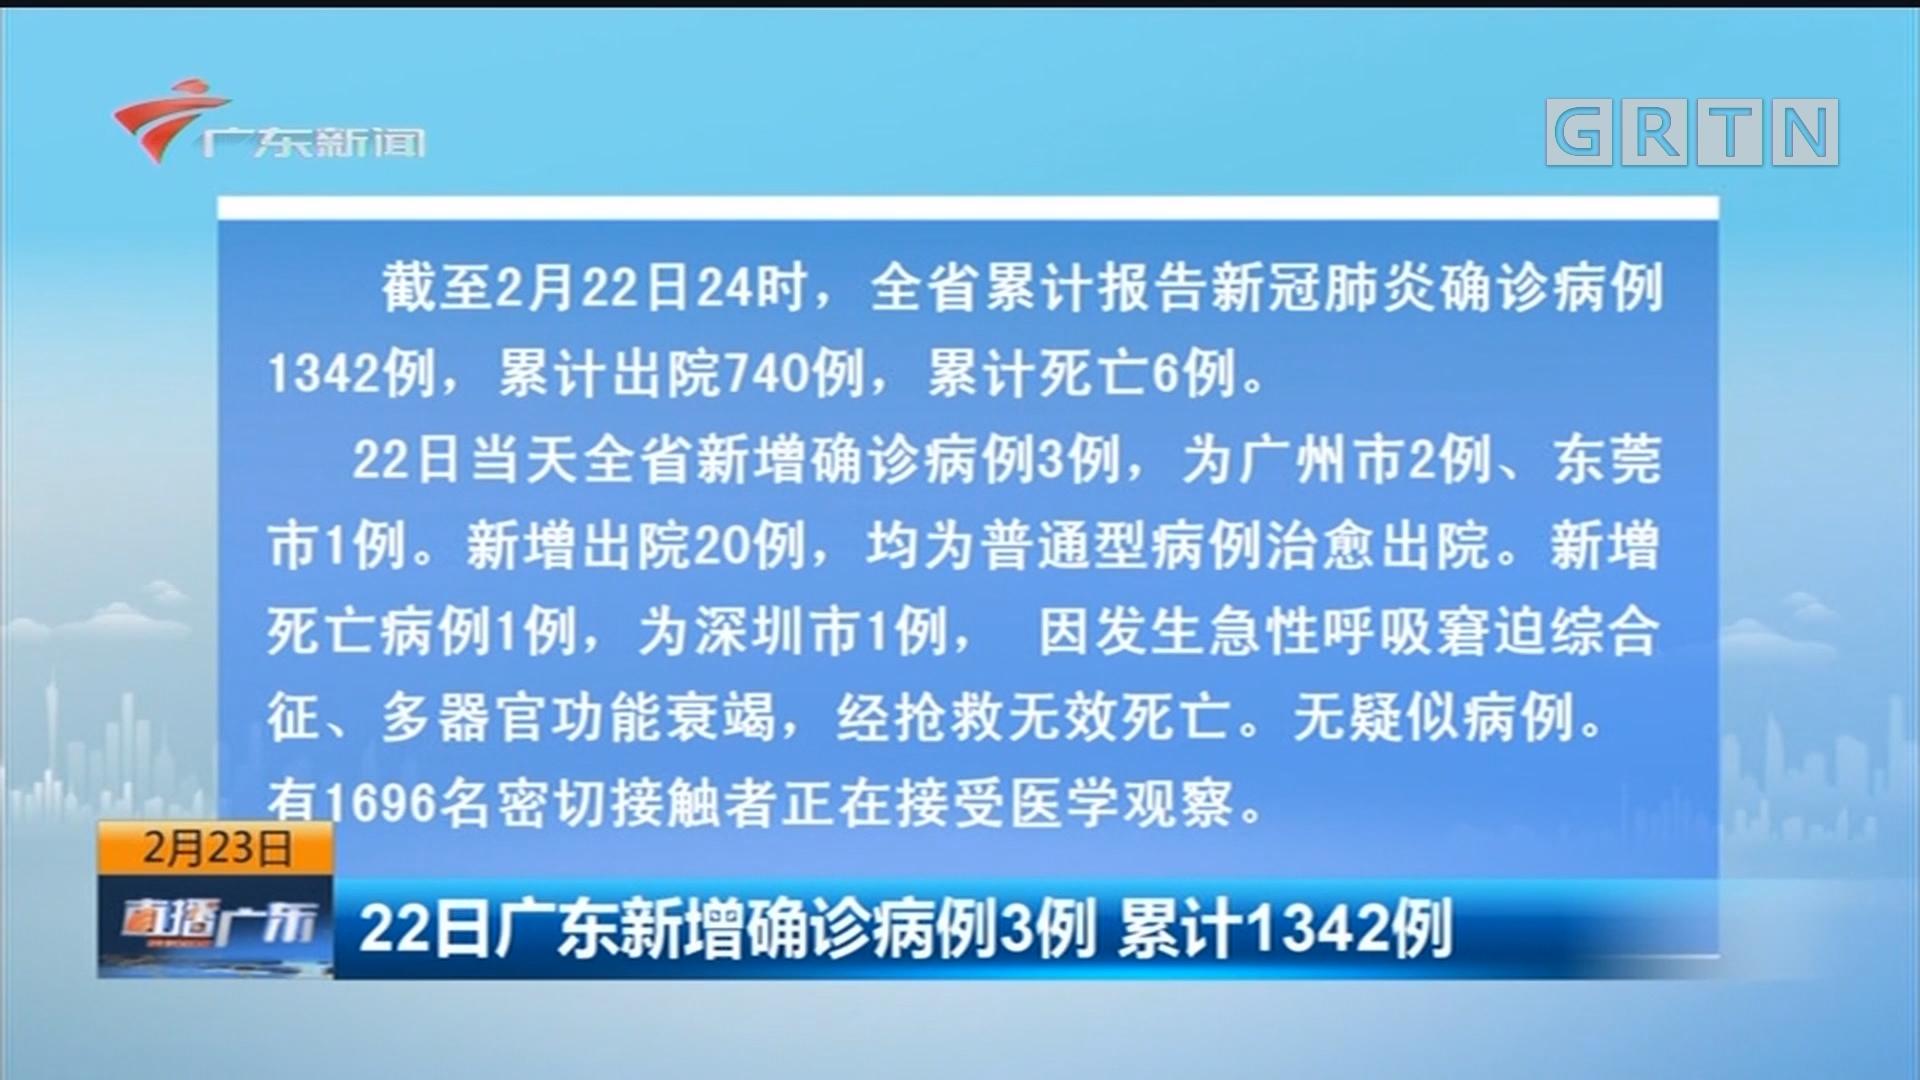 22日广东新增确诊病例3例 累计1342例